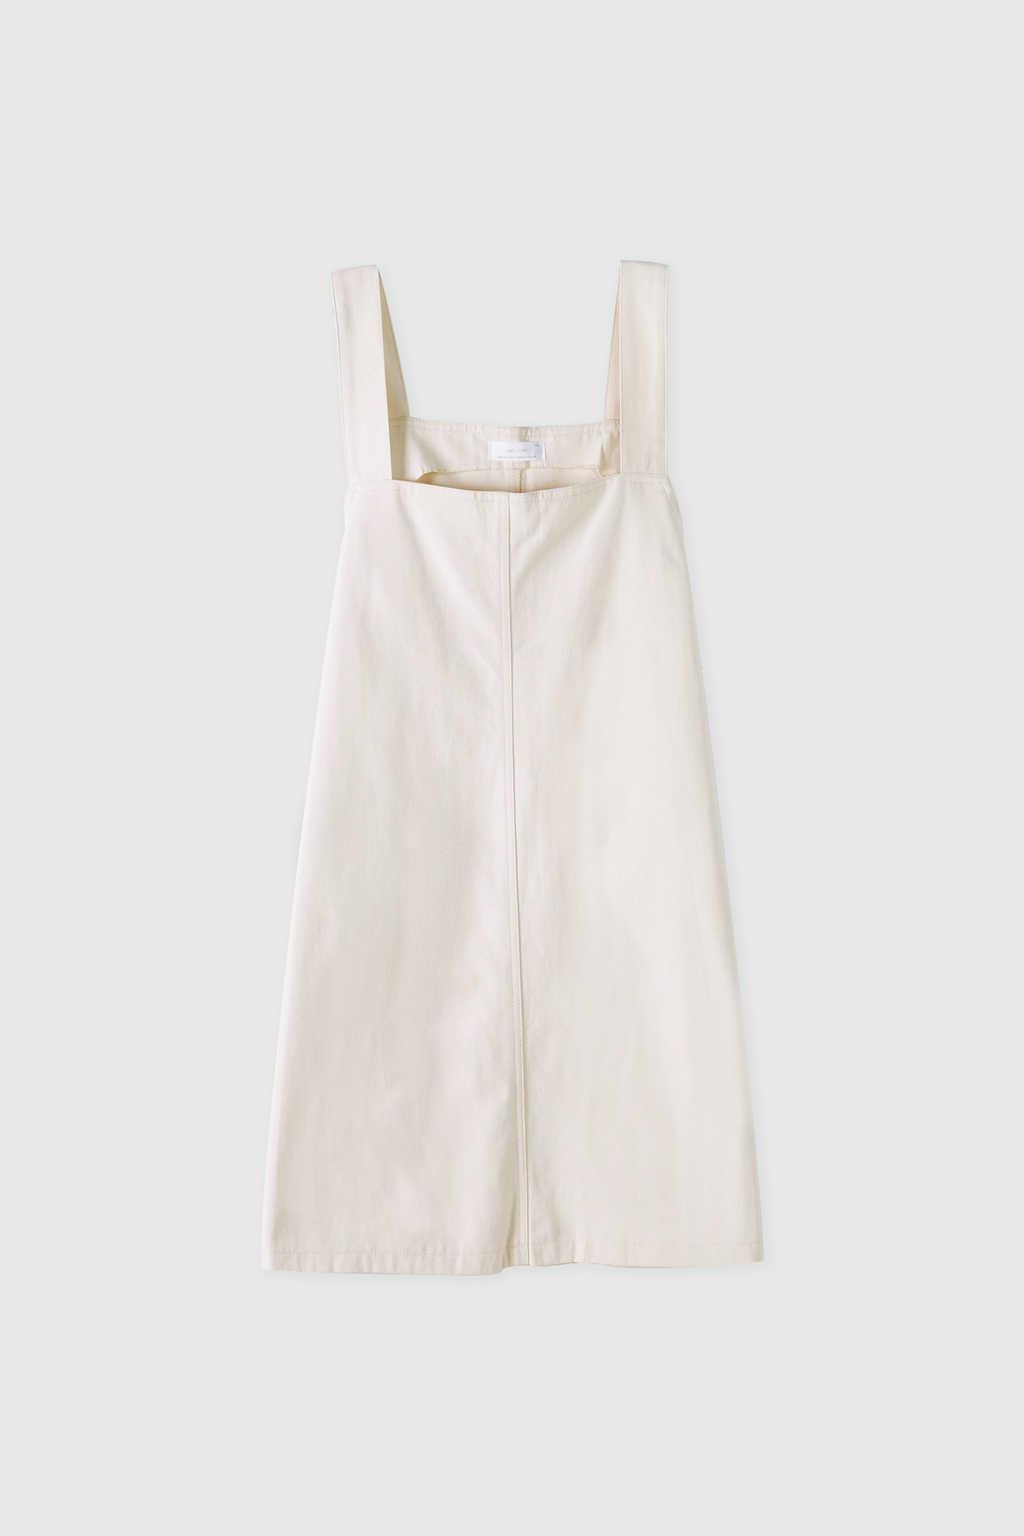 Dress J009 Cream 7